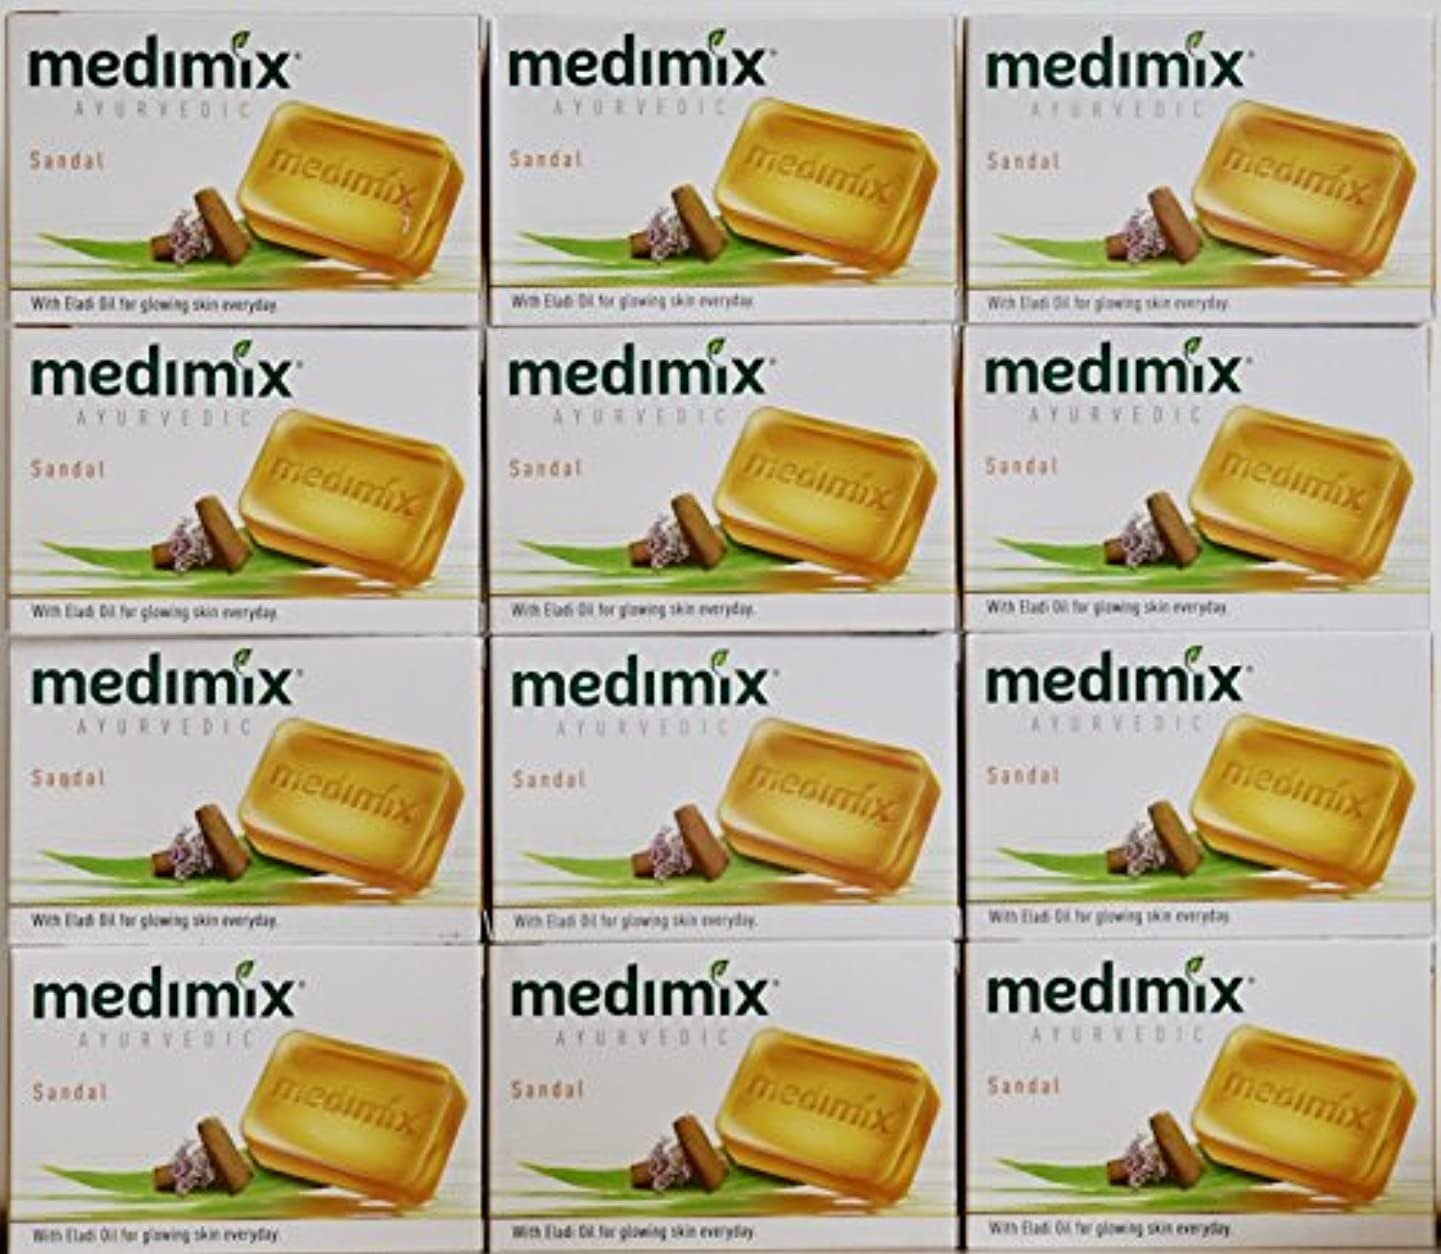 接地マウントファイナンスmedimix メディミックス アーユルヴェディックサンダル 石鹸(旧商品名クラシックオレンジ))125g 12個入り